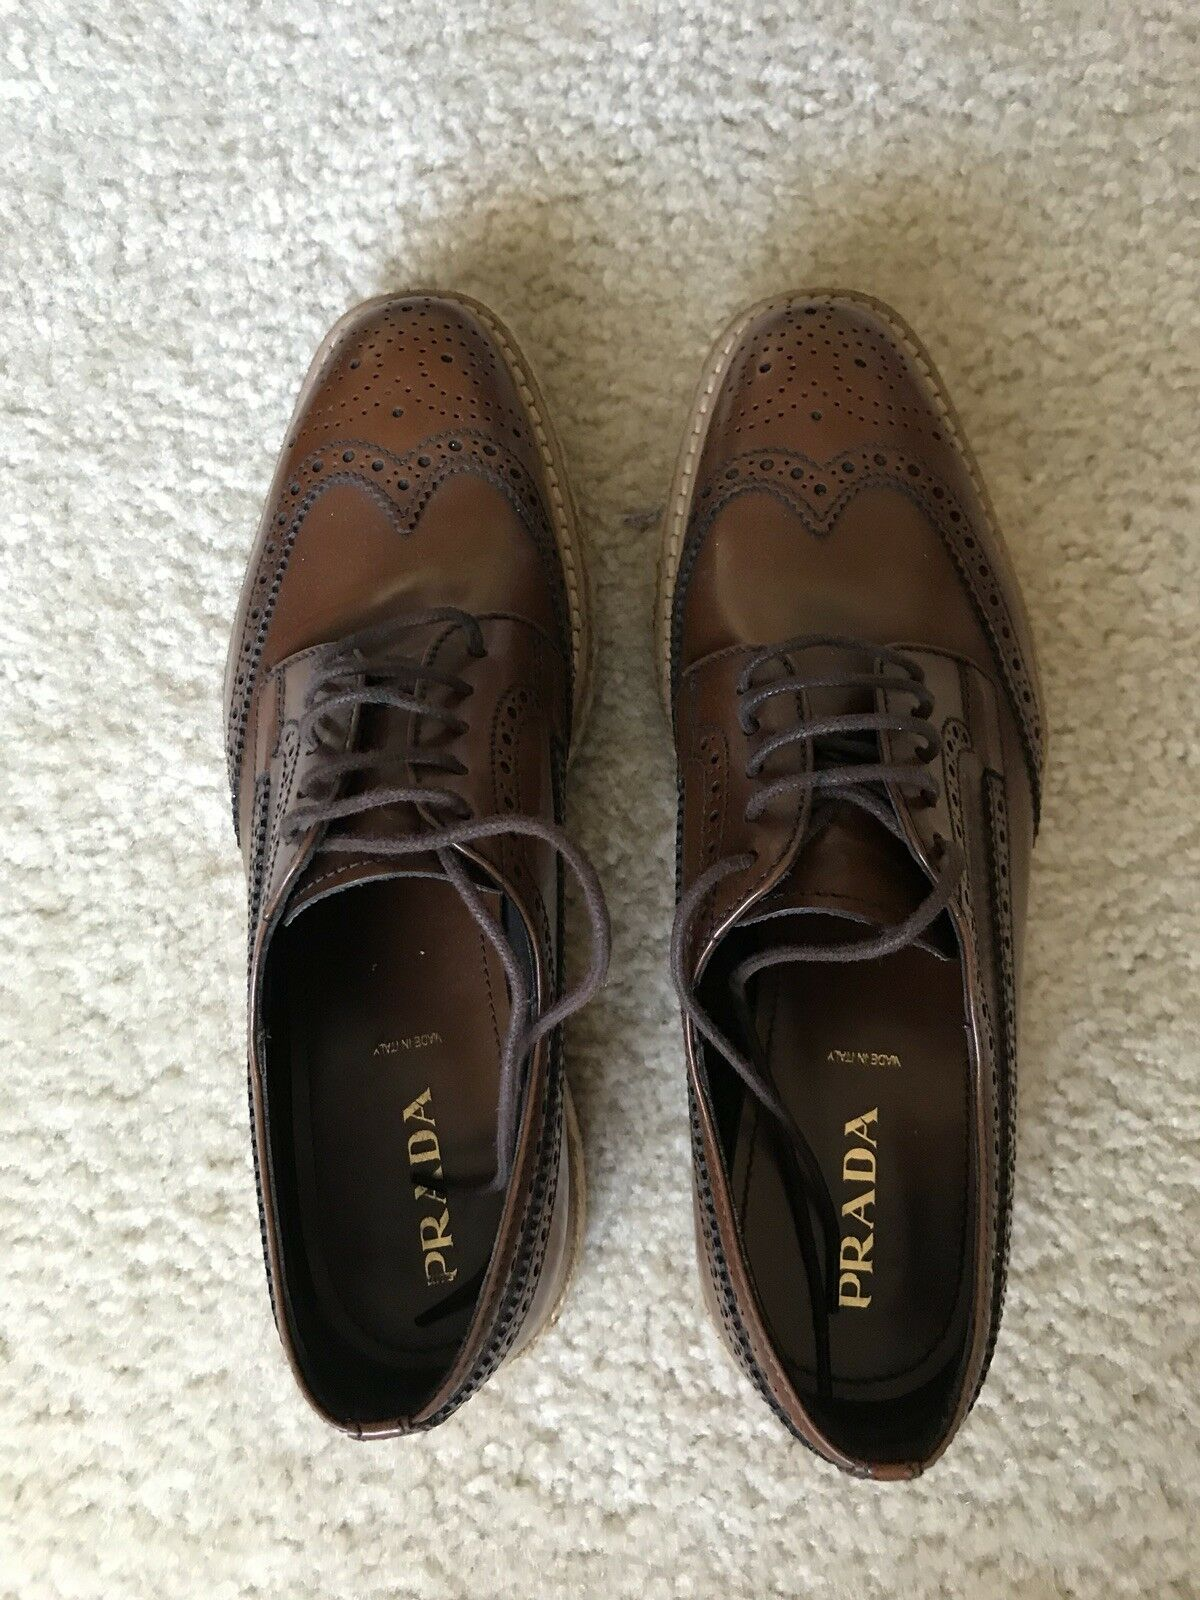 Prada zapatillas de de de plataforma punta del ala Estilo De Encaje 37.5 para Mujer 99e03e